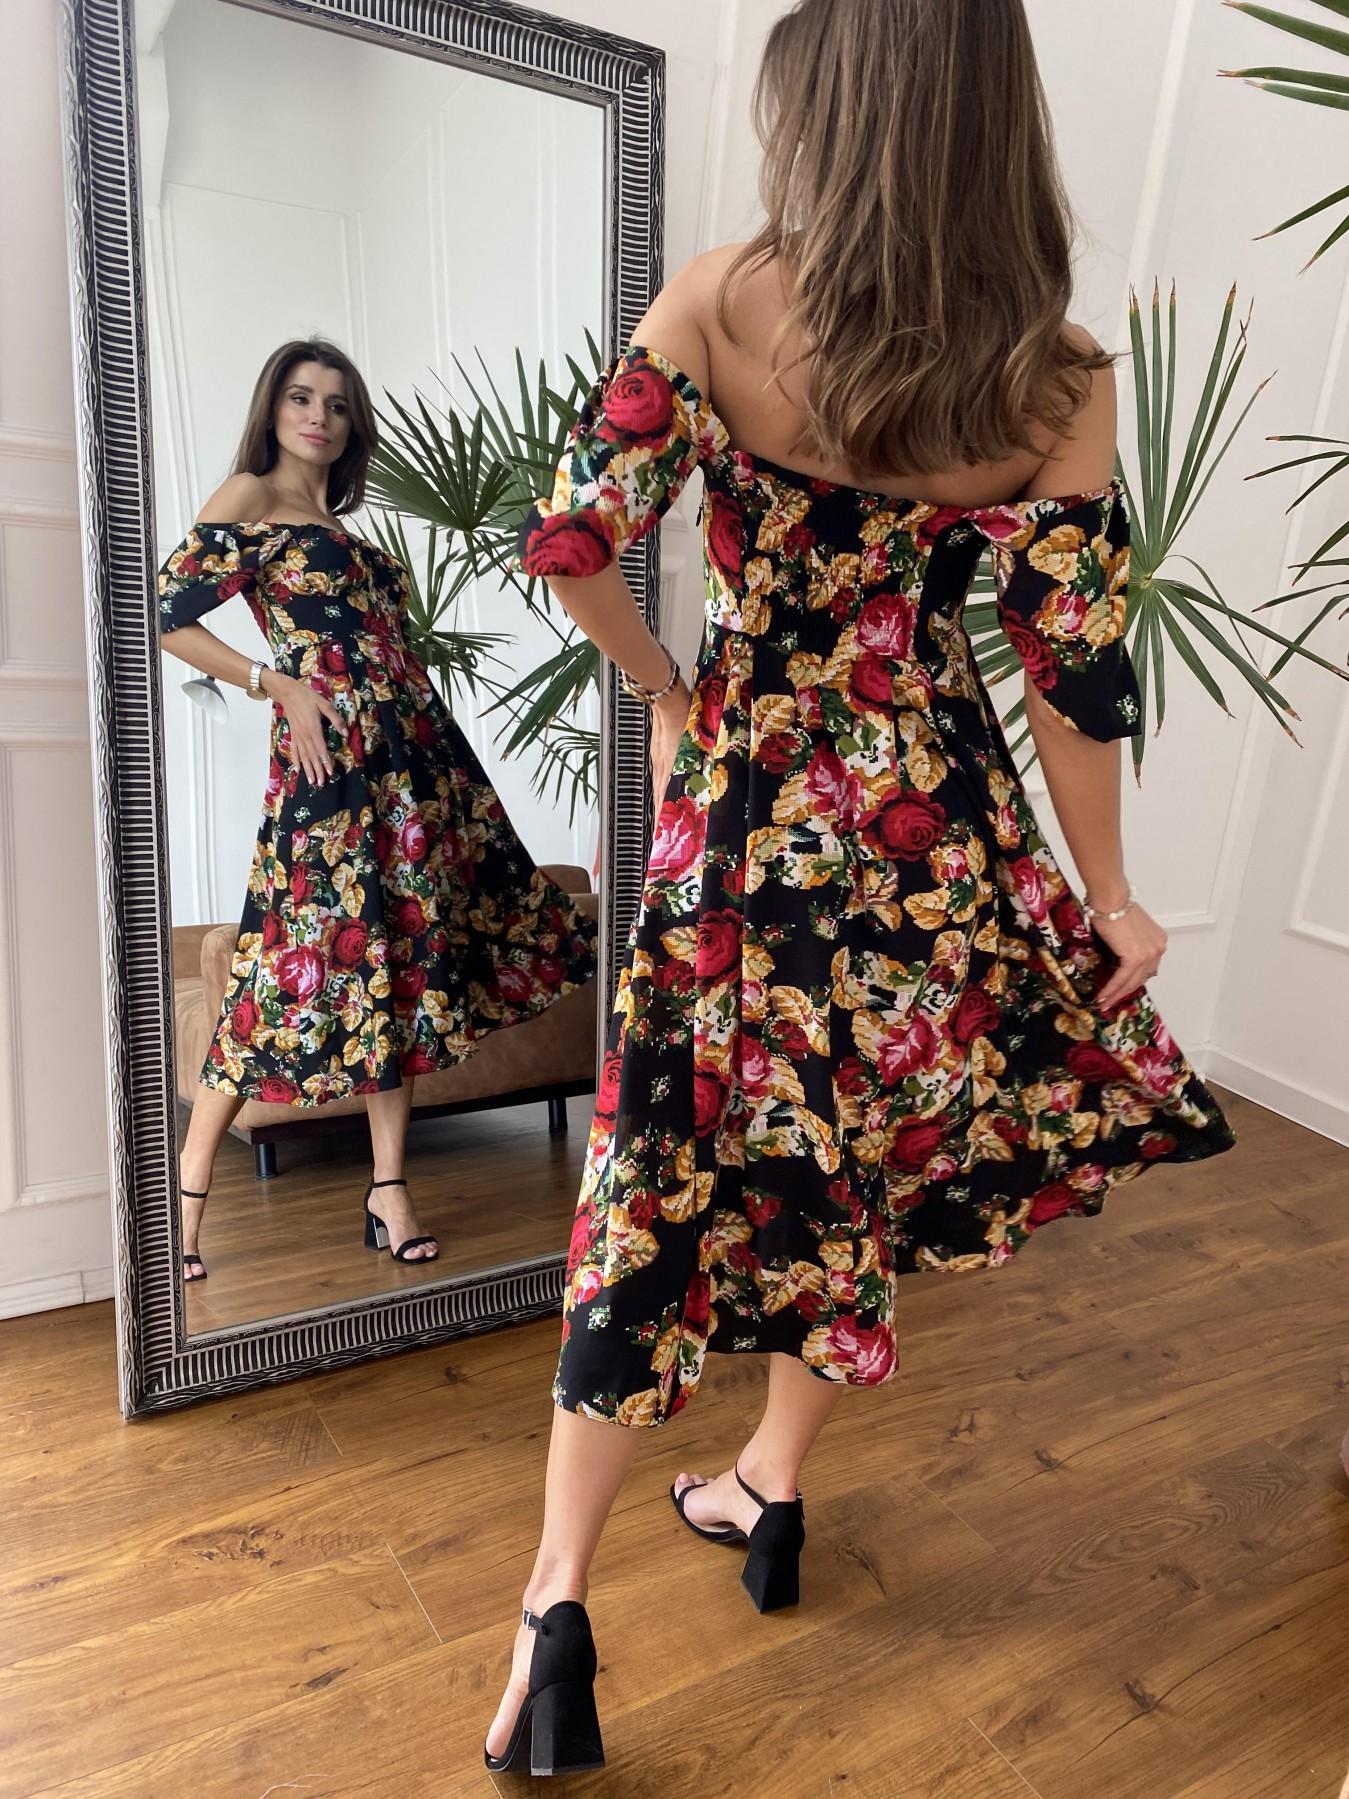 Кисес Миди платье из креп шифона в принт 11575 АРТ. 48253 Цвет: Черный вышивка 3 - фото 5, интернет магазин tm-modus.ru